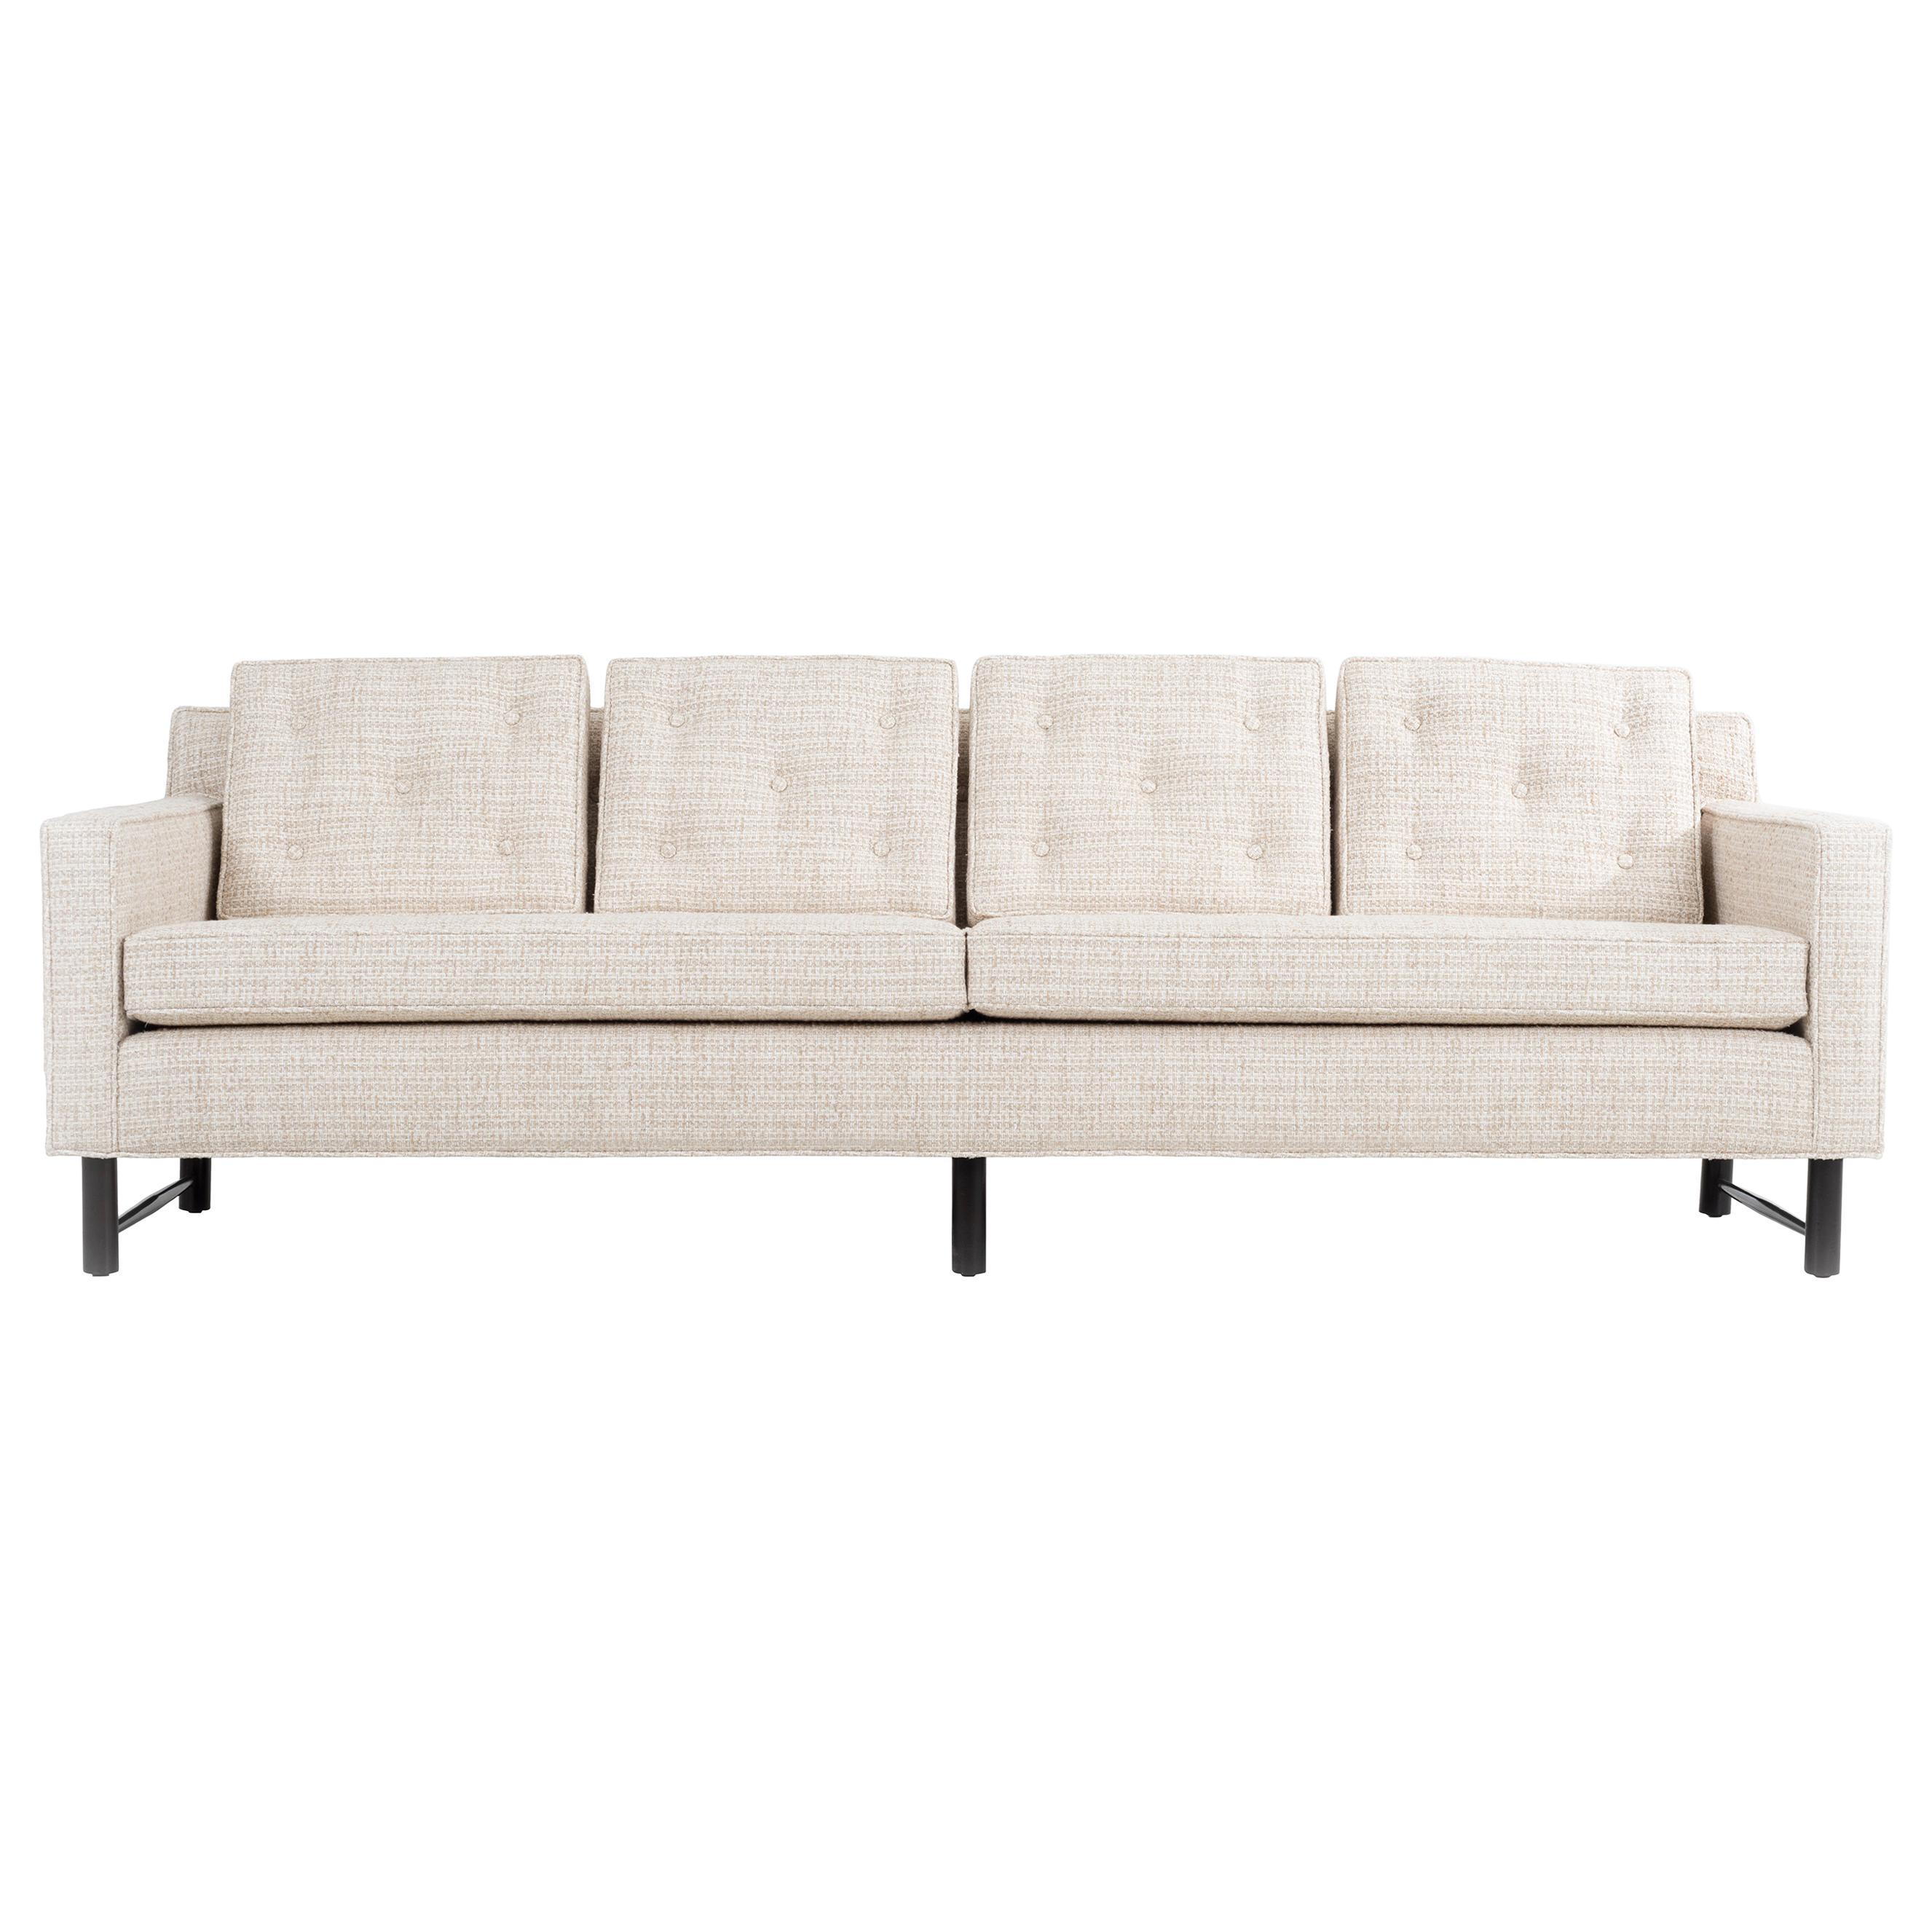 Edward Wormley for Dunbar Loose Cushion Sofa